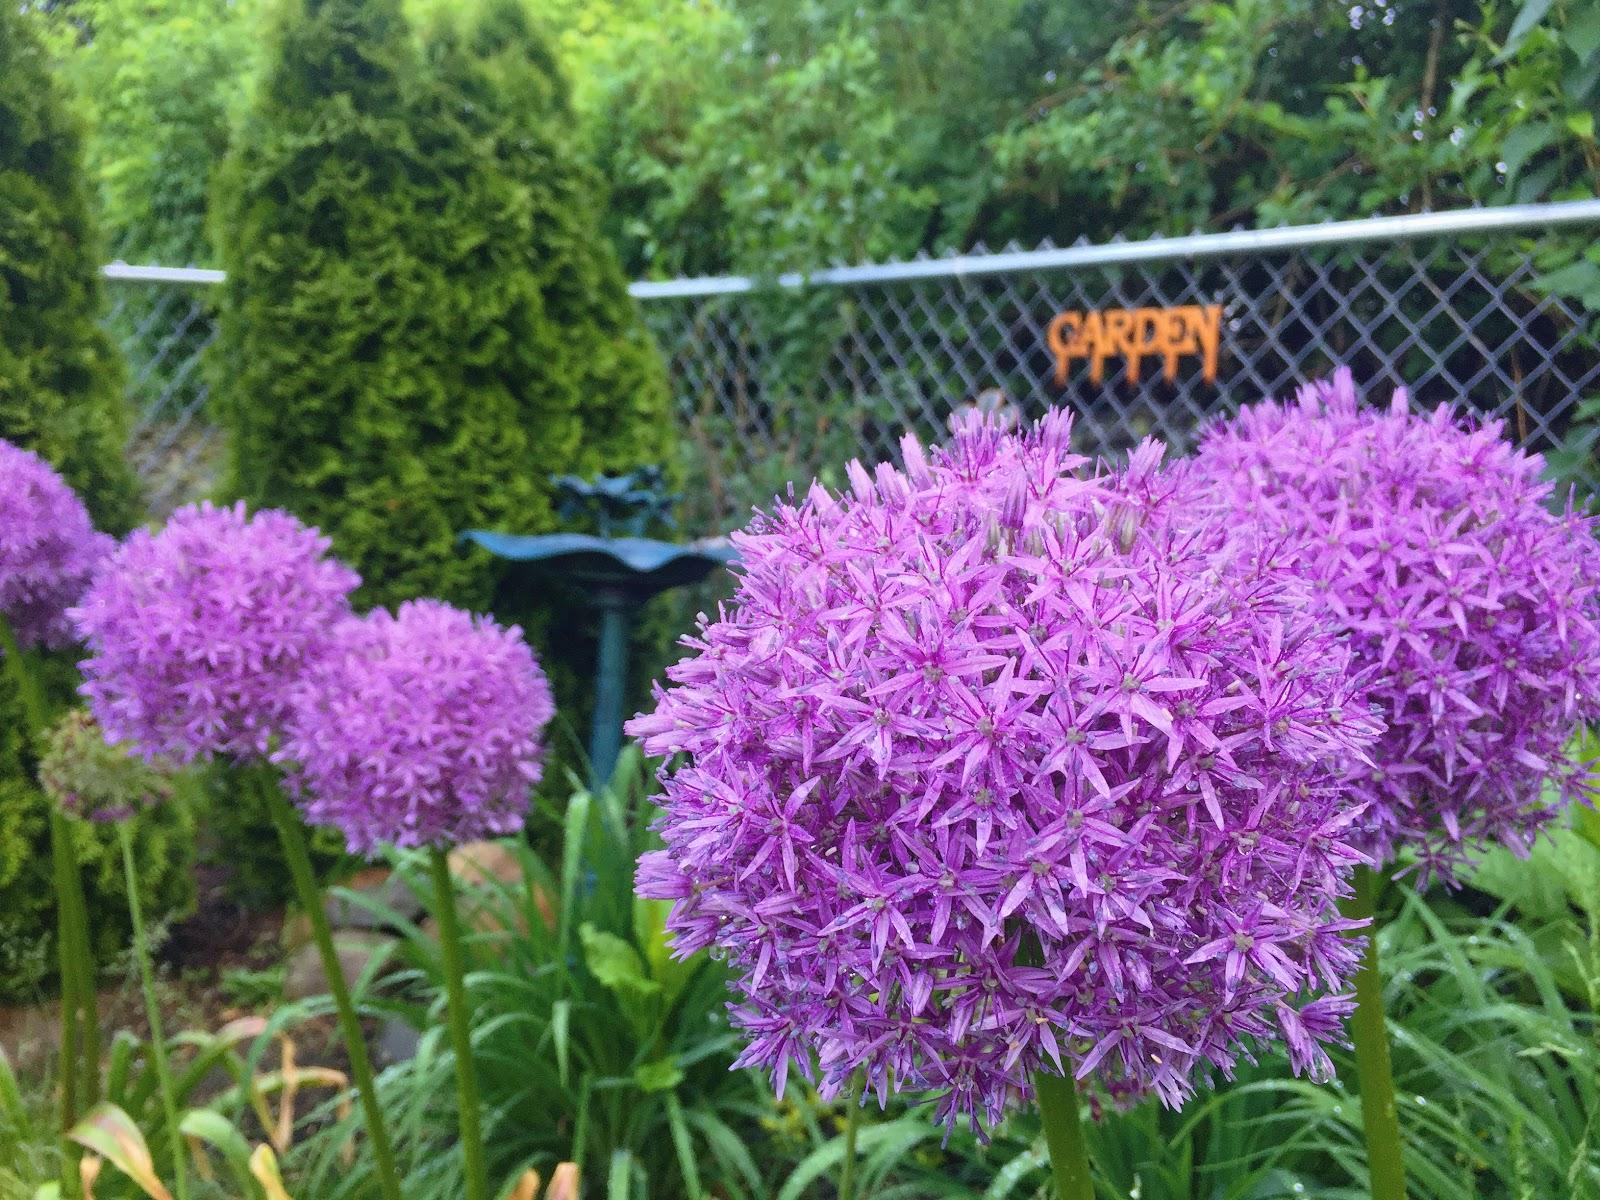 My backyard allium garden and bird bath - May 26 2017